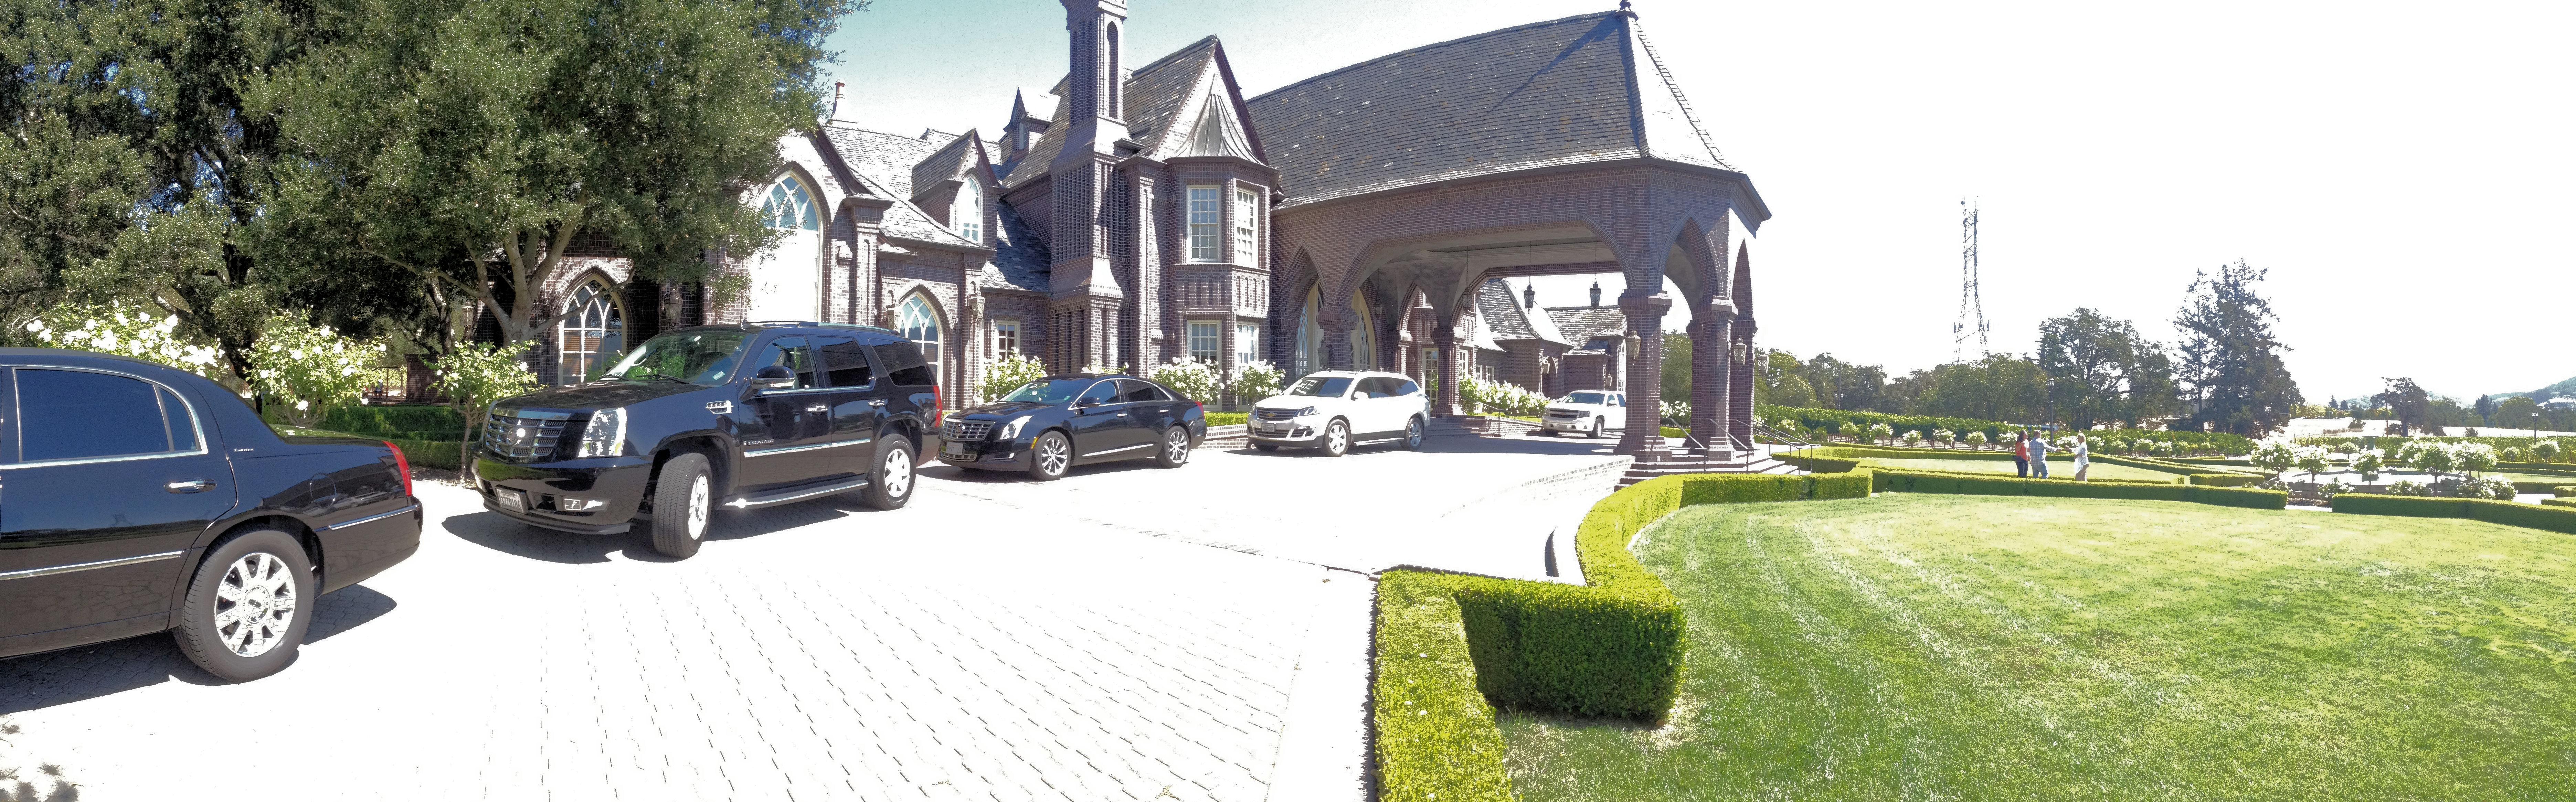 Ledson, Kenwood, CA